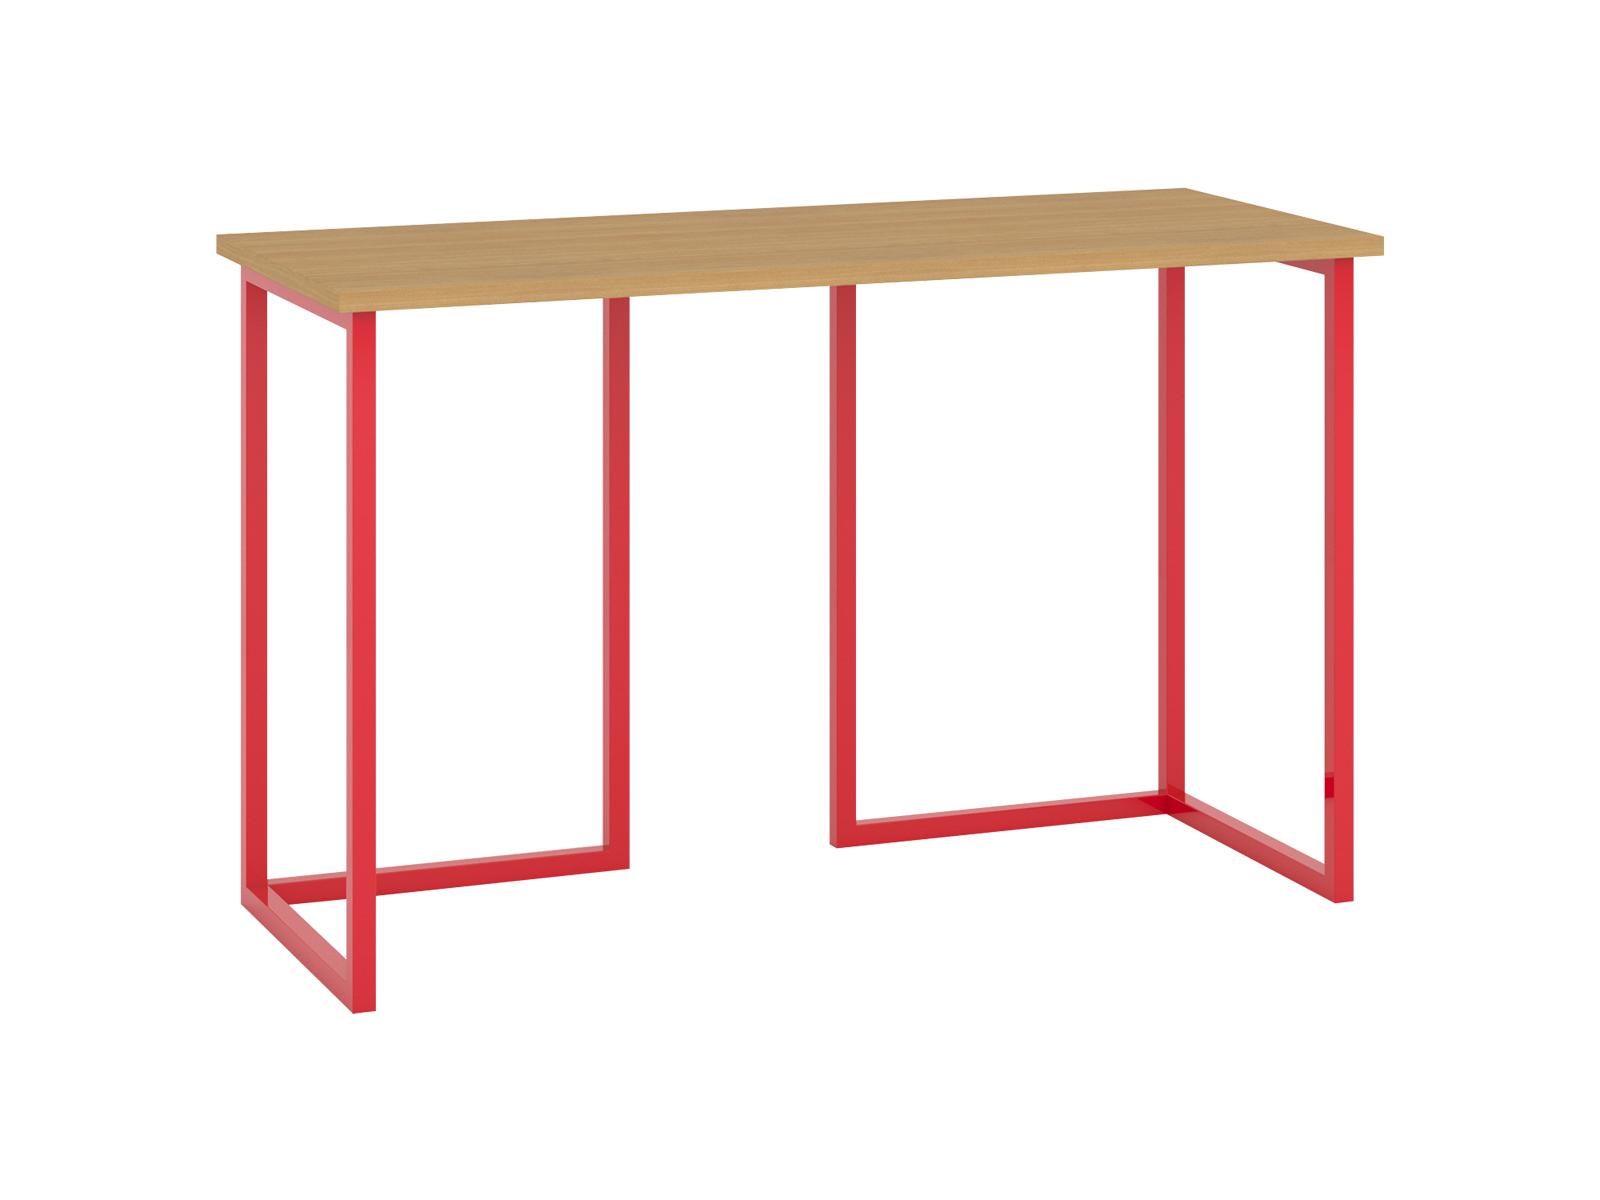 Стол BoardПисьменные столы<br>&amp;lt;div&amp;gt;Большой выбор столешниц и цветов оснований позволяет создавать комбинации, точно отвечающие вашим потребностям.&amp;lt;/div&amp;gt;&amp;lt;div&amp;gt;&amp;lt;br&amp;gt;&amp;lt;/div&amp;gt;&amp;lt;div&amp;gt;Материалы:&amp;lt;/div&amp;gt;&amp;lt;div&amp;gt;Основание: металл окрашенный.&amp;lt;/div&amp;gt;&amp;lt;div&amp;gt;Полки: ЛДСП 22мм.&amp;lt;/div&amp;gt;<br><br>Material: ДСП<br>Ширина см: 120<br>Глубина см: 50